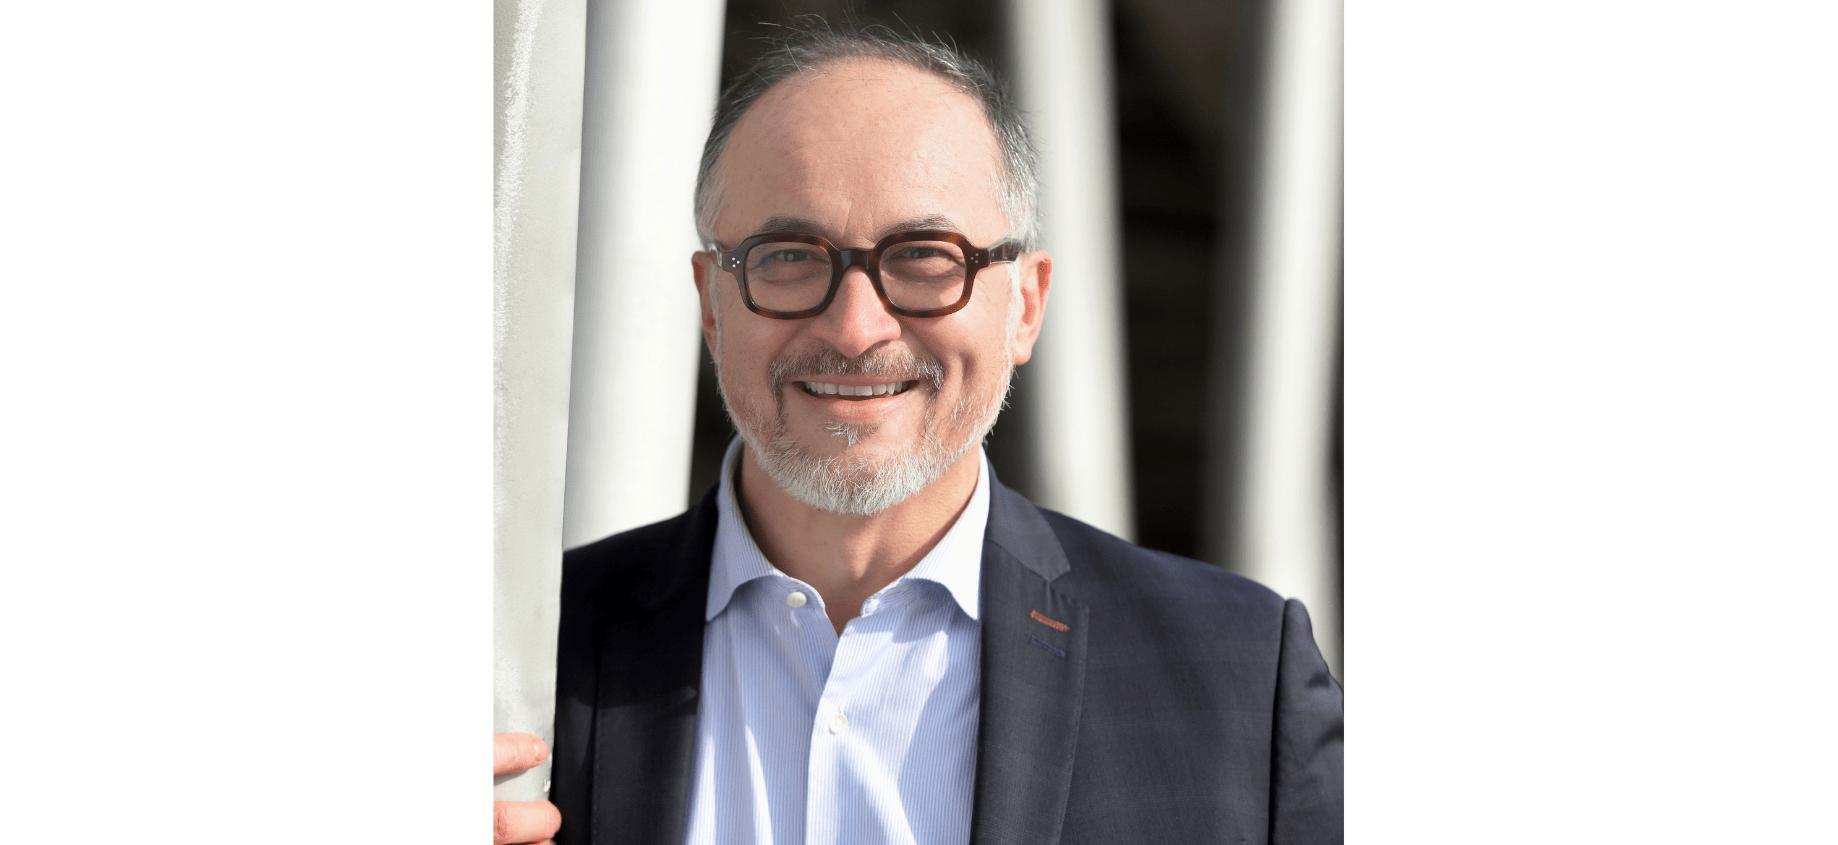 Luc Meuret, fondateur et associé du cabinet Your Voice